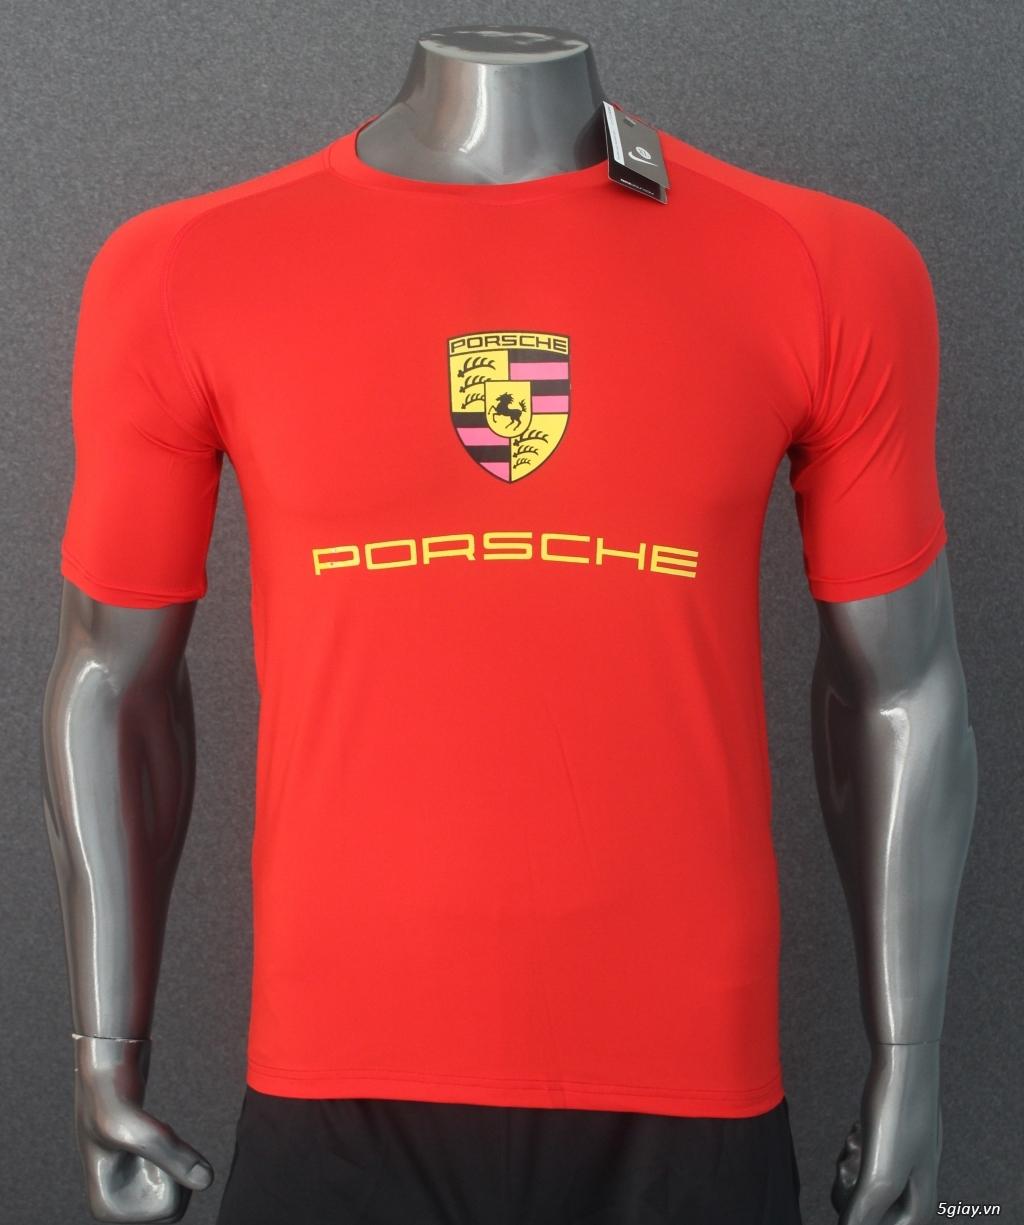 Chuyên cung cấp quần áo thể thao Adidas,Nike,Under Armour,Puma...trên Toàn Quốc giá xưởng - 19